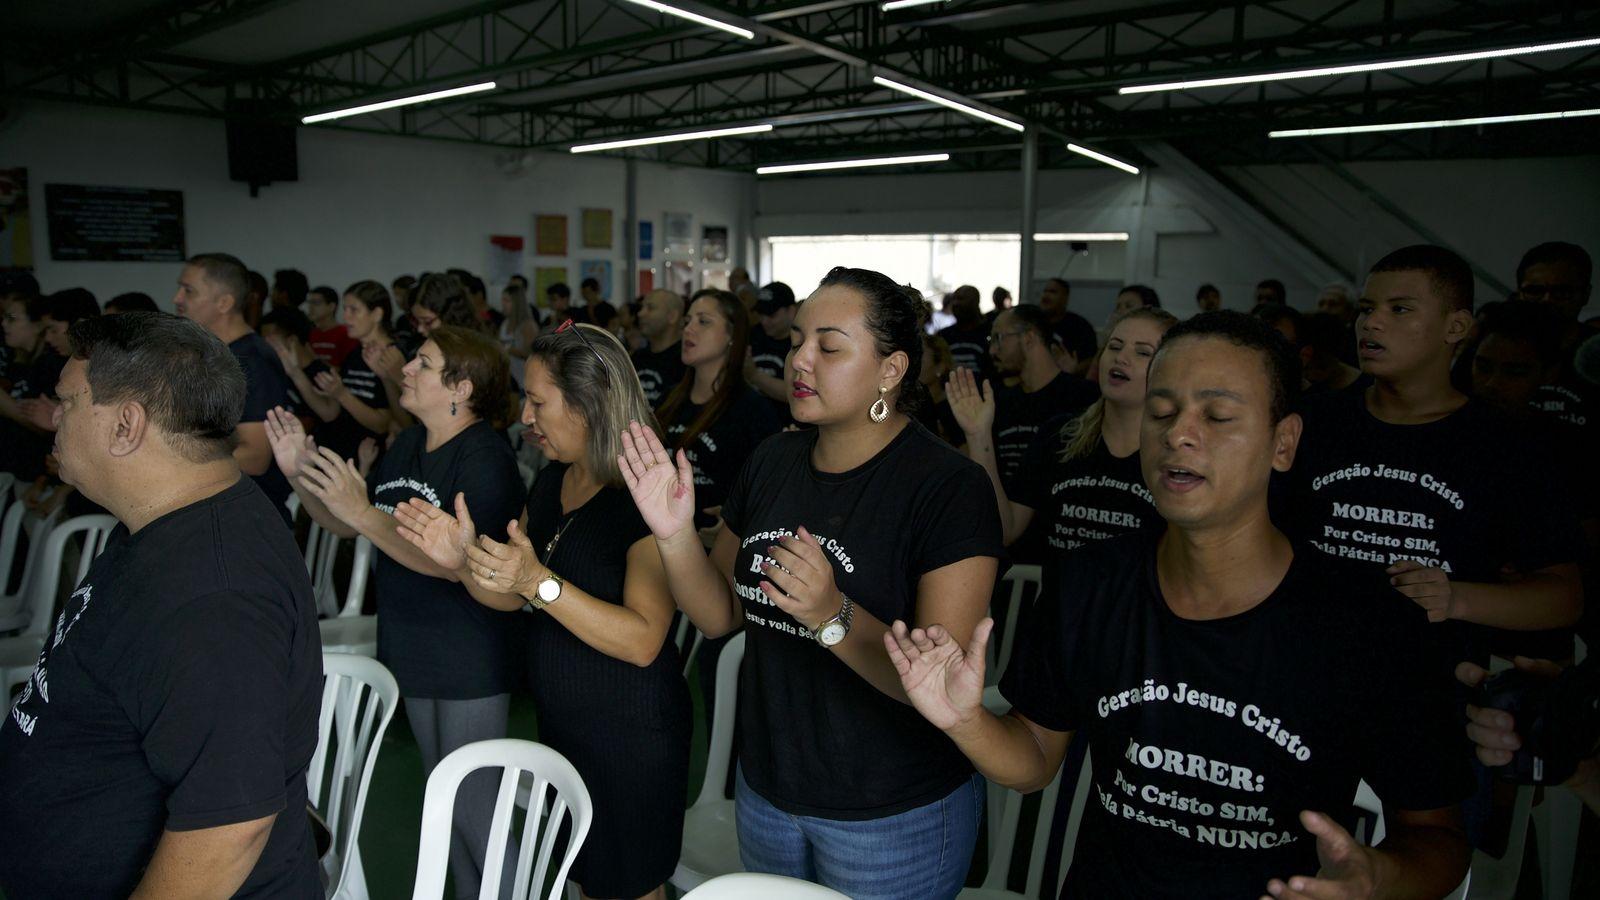 Membros da Igreja Pentecostal Geração Jesus Cristo, que acreditam que Jesus regressará em 2070 e participam ...